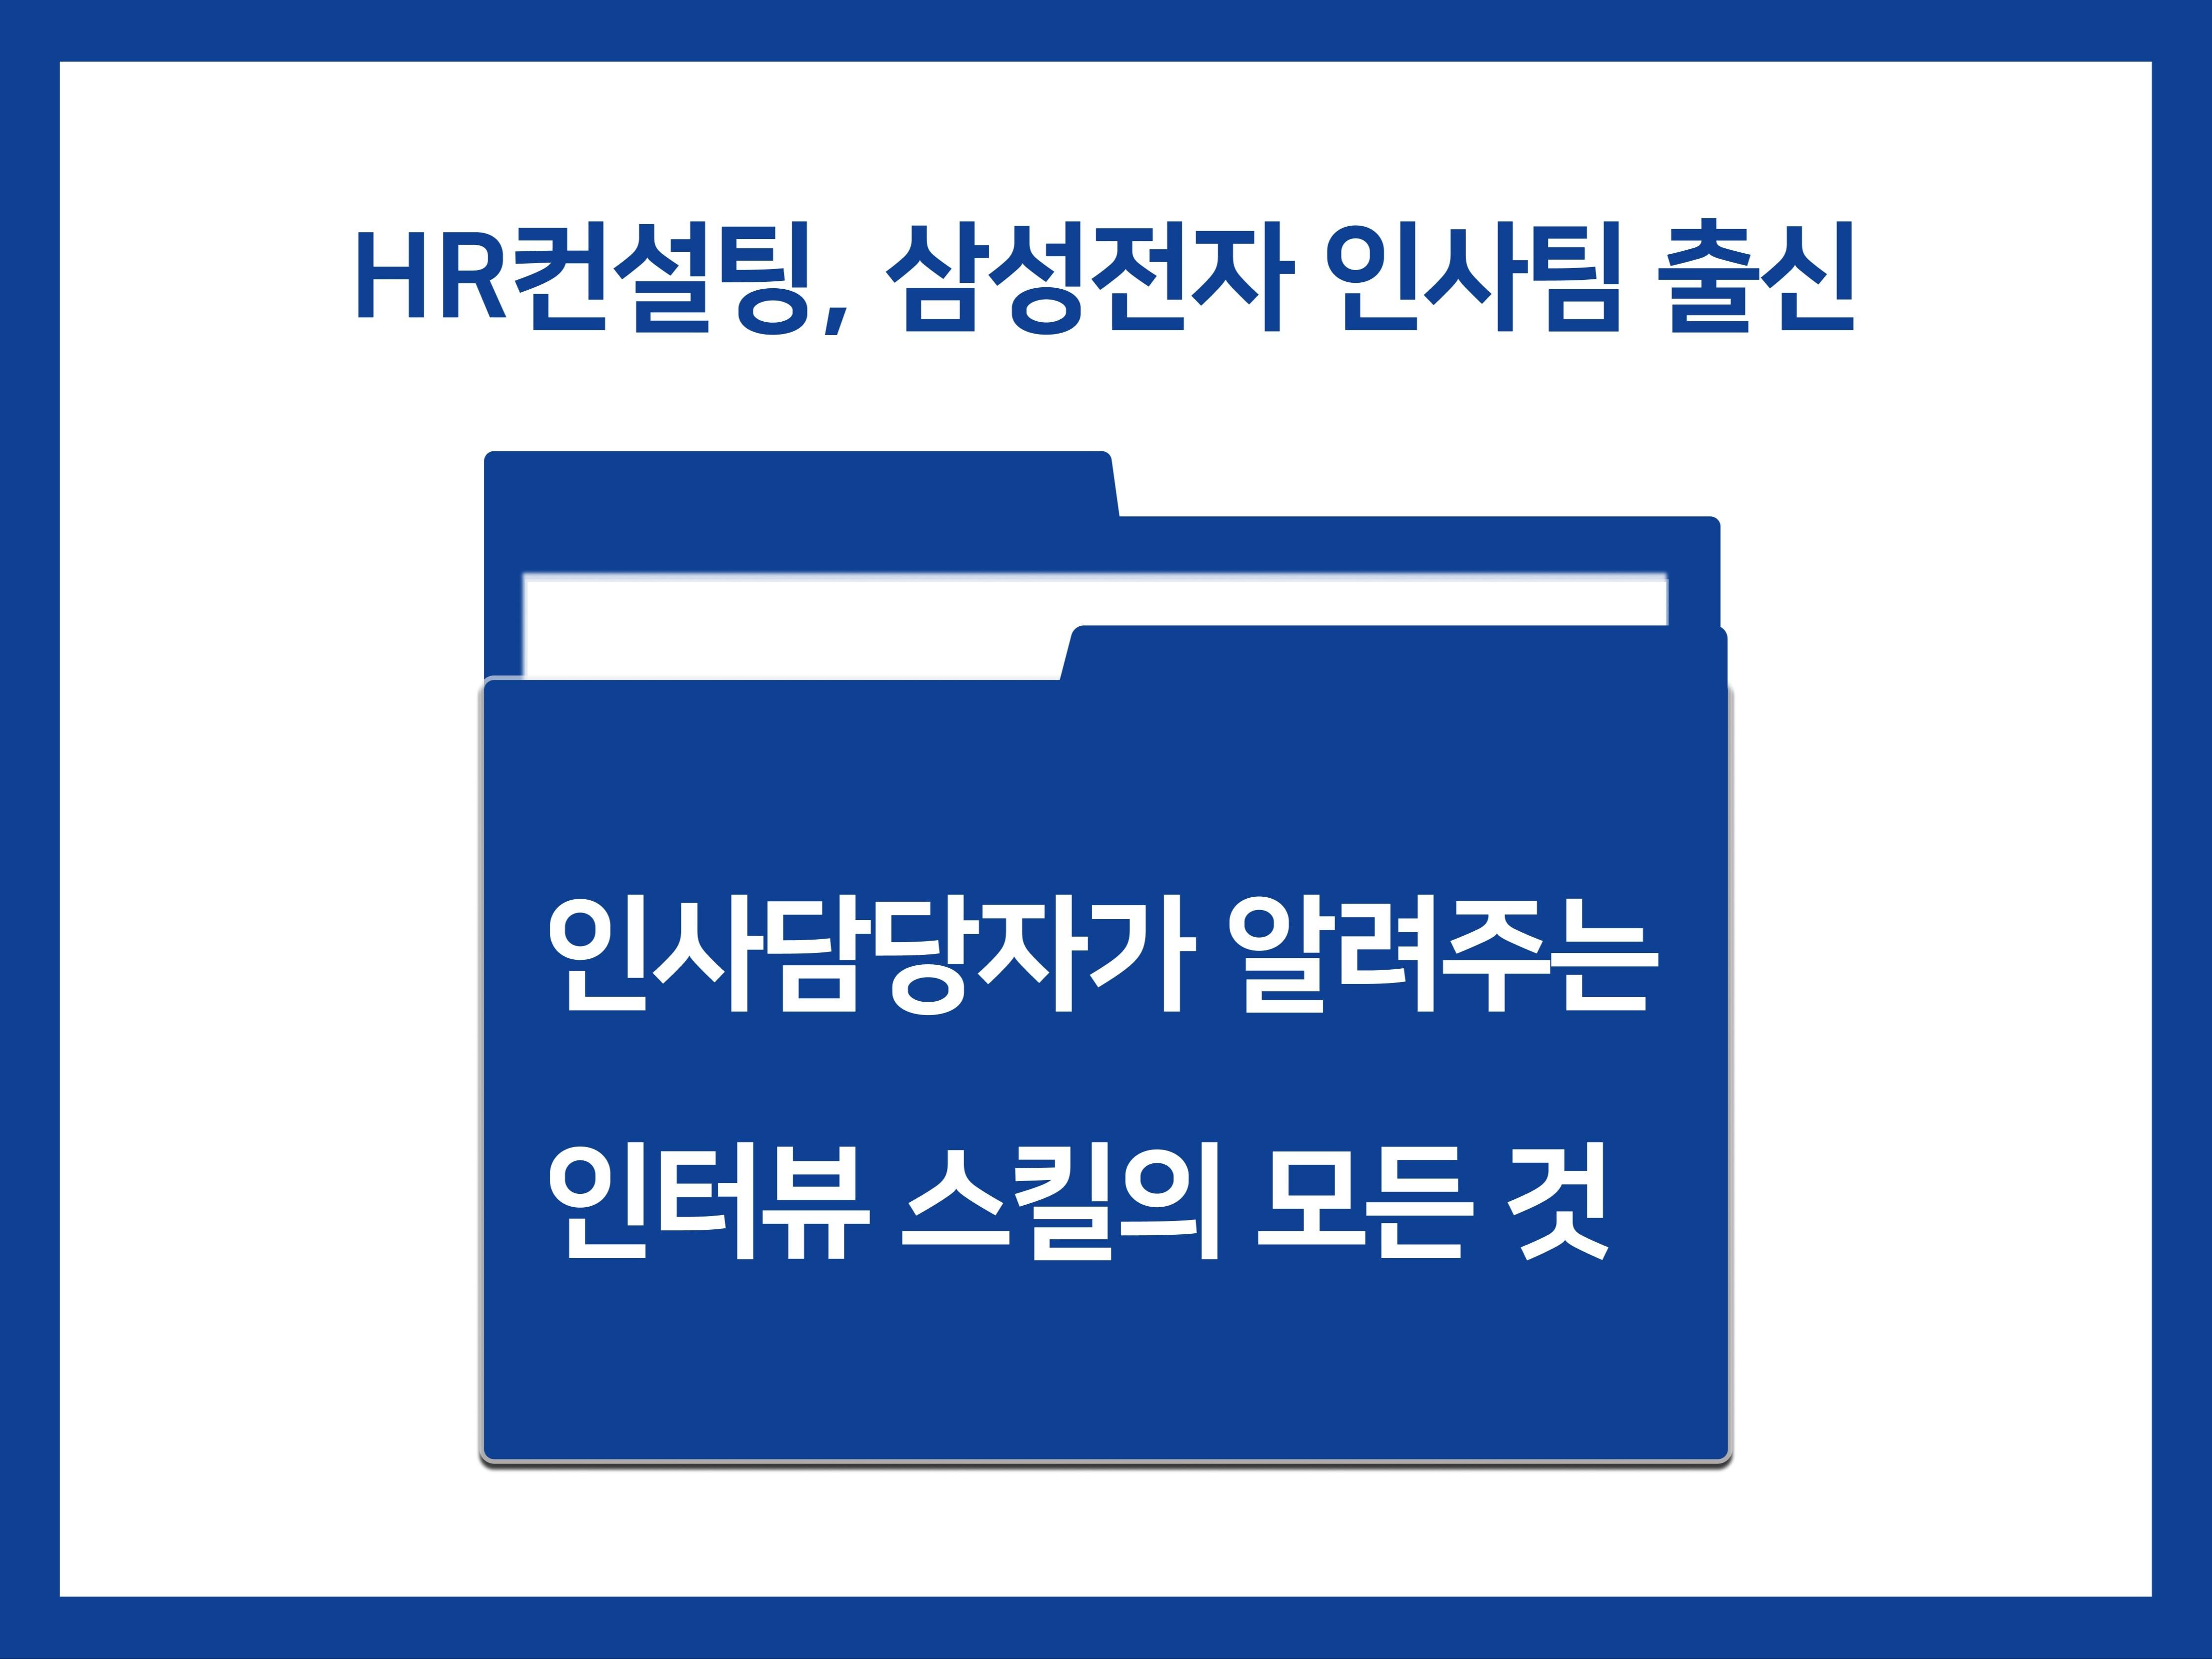 컨설팅, 삼성전자 출신 인사담당자의 인터뷰 스킬을 알려 드립니다.